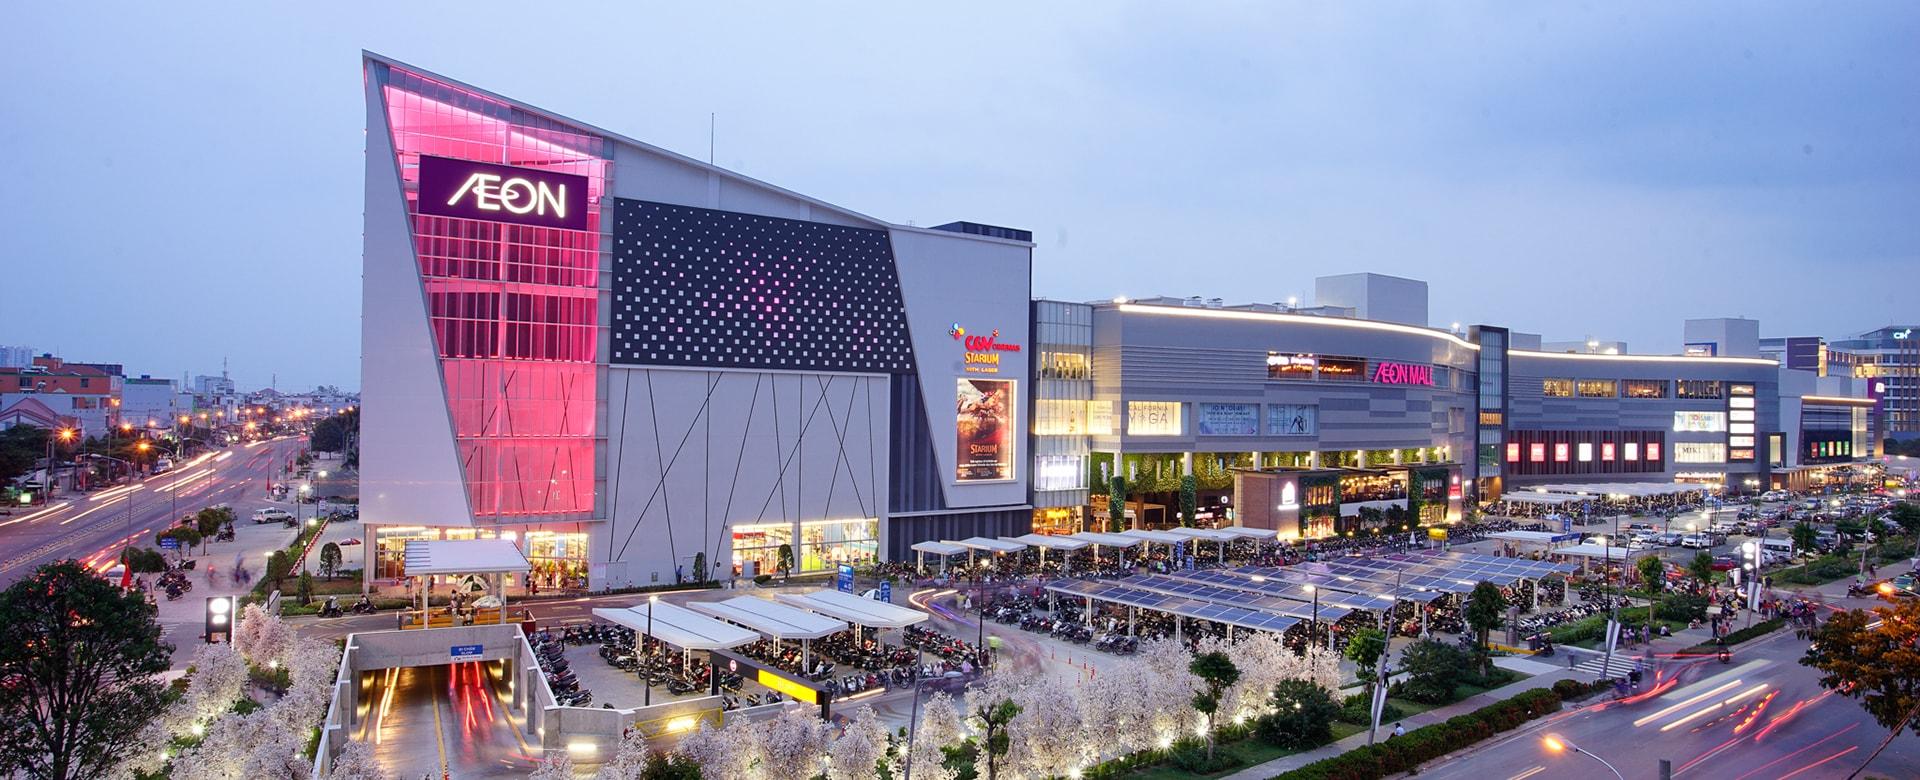 Hình ảnh trung tâm thương mại Aeon Mall